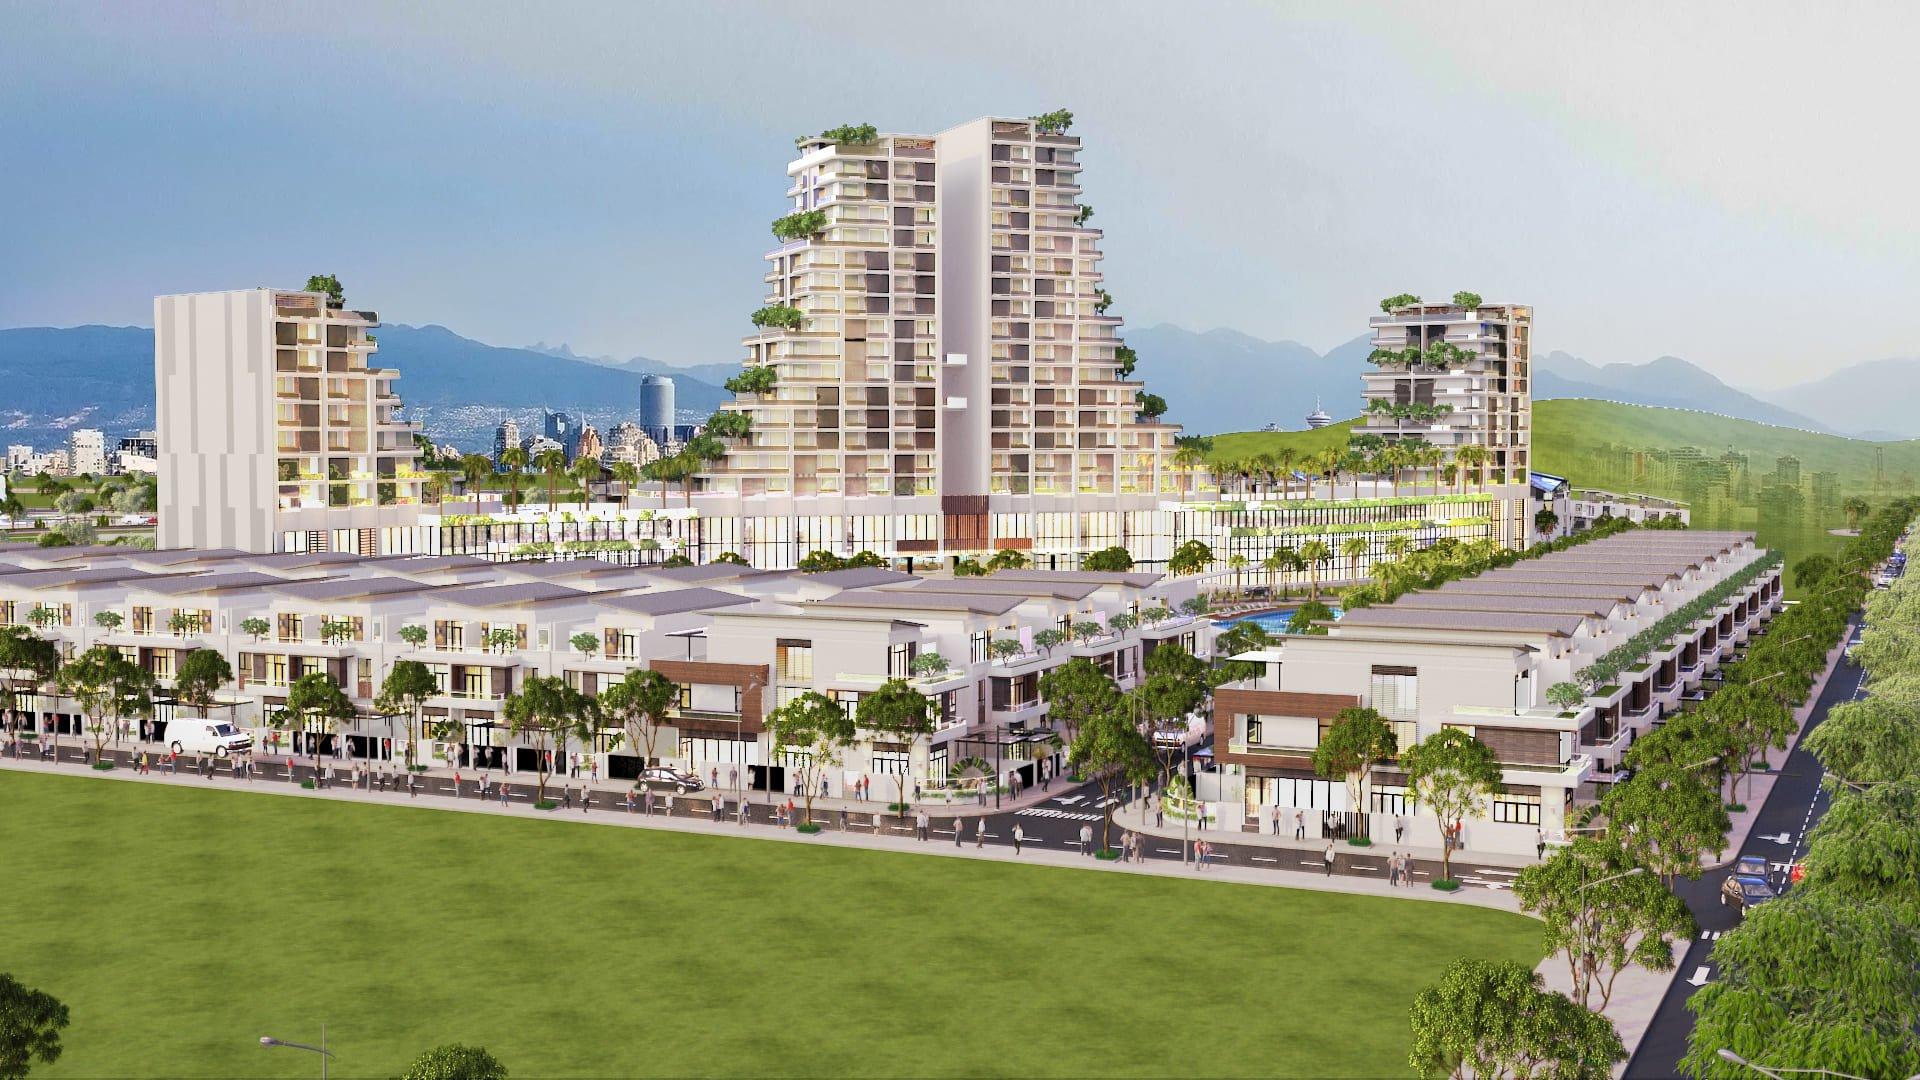 12 Danang IT Park - Industrial Real Estate